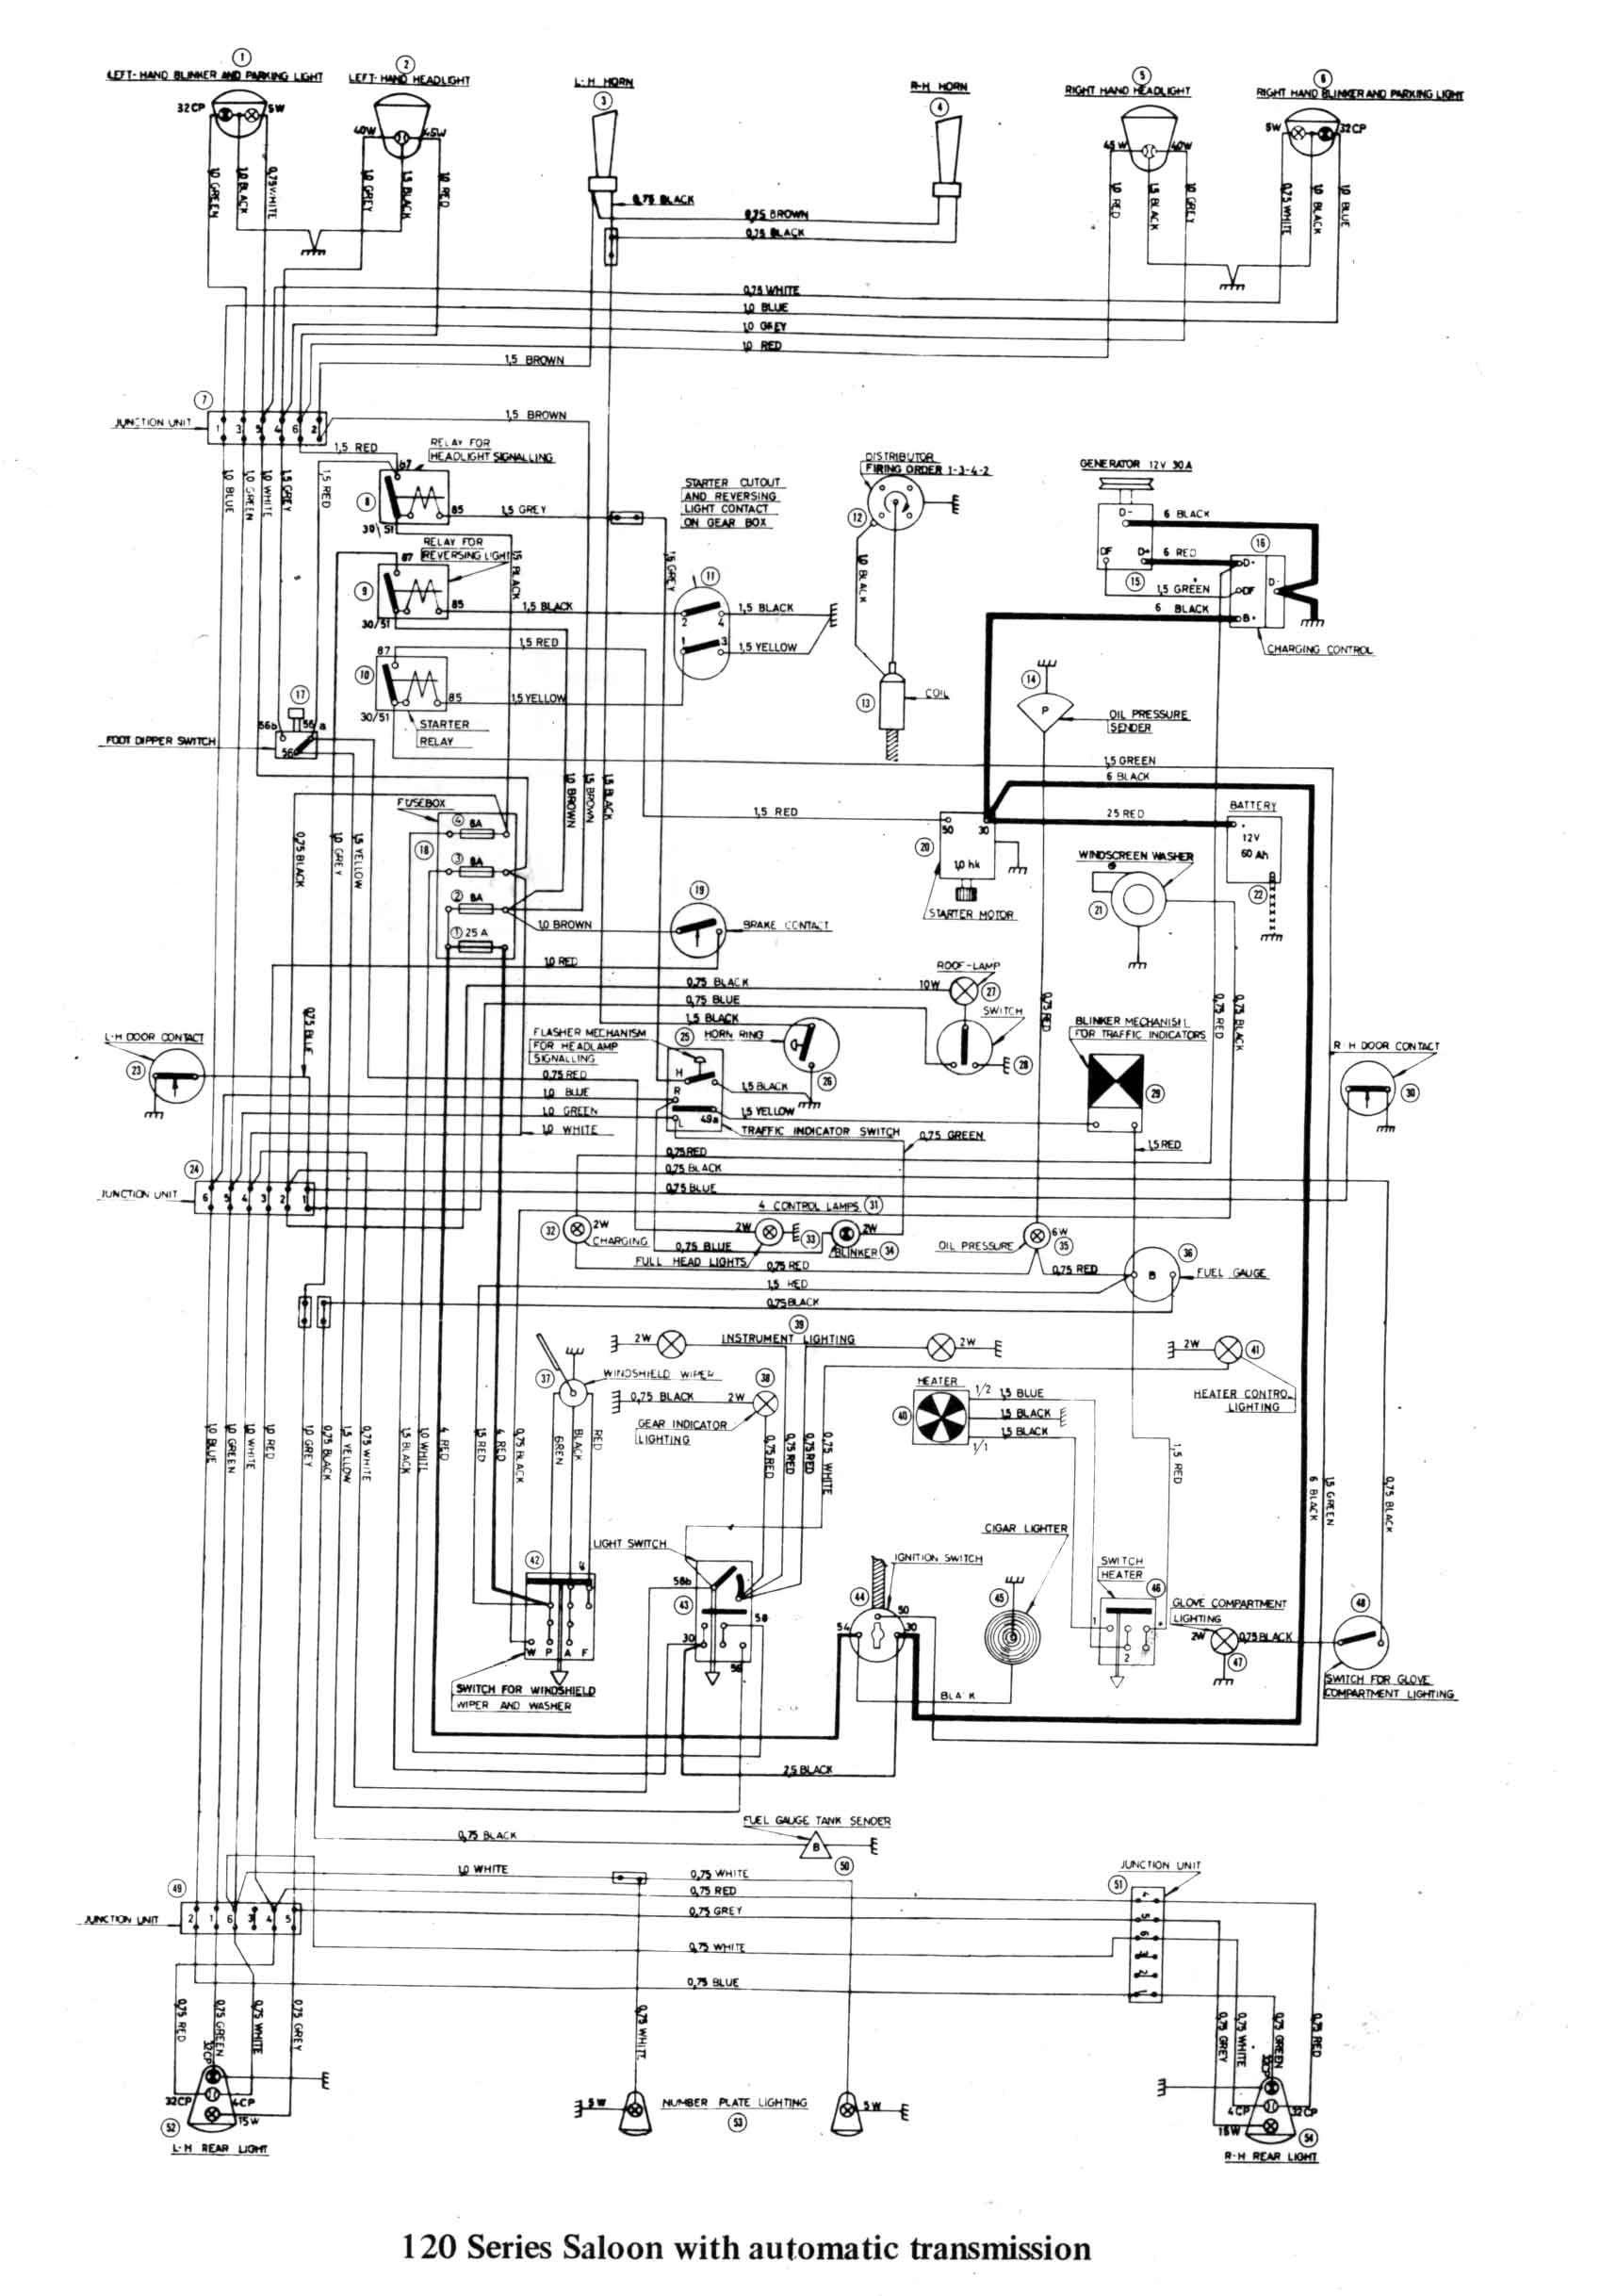 Volvo Car Wiring Diagram WIRING DIAGRAM SCHEMES